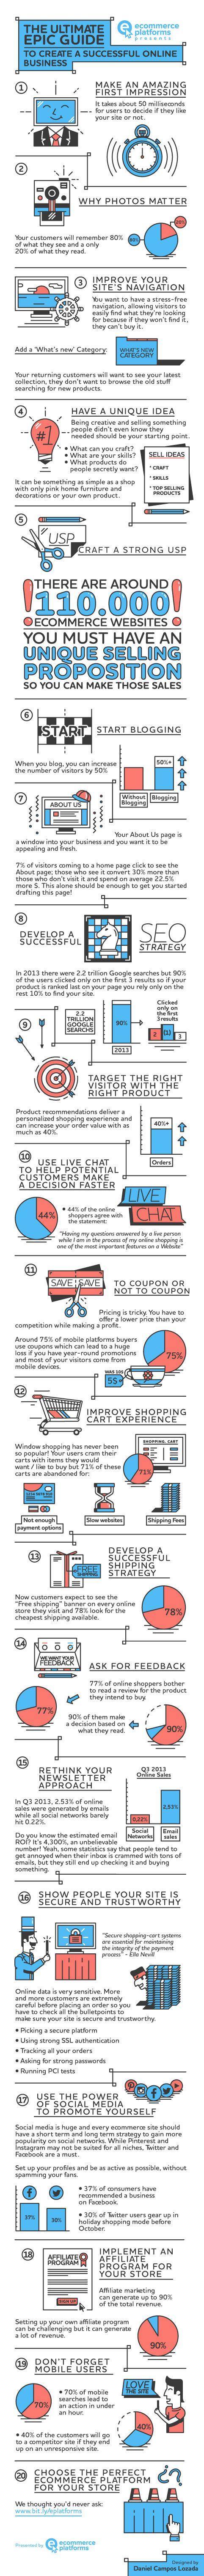 Infografía sobre cómo mejorar nuestra estrategia de eCommerce